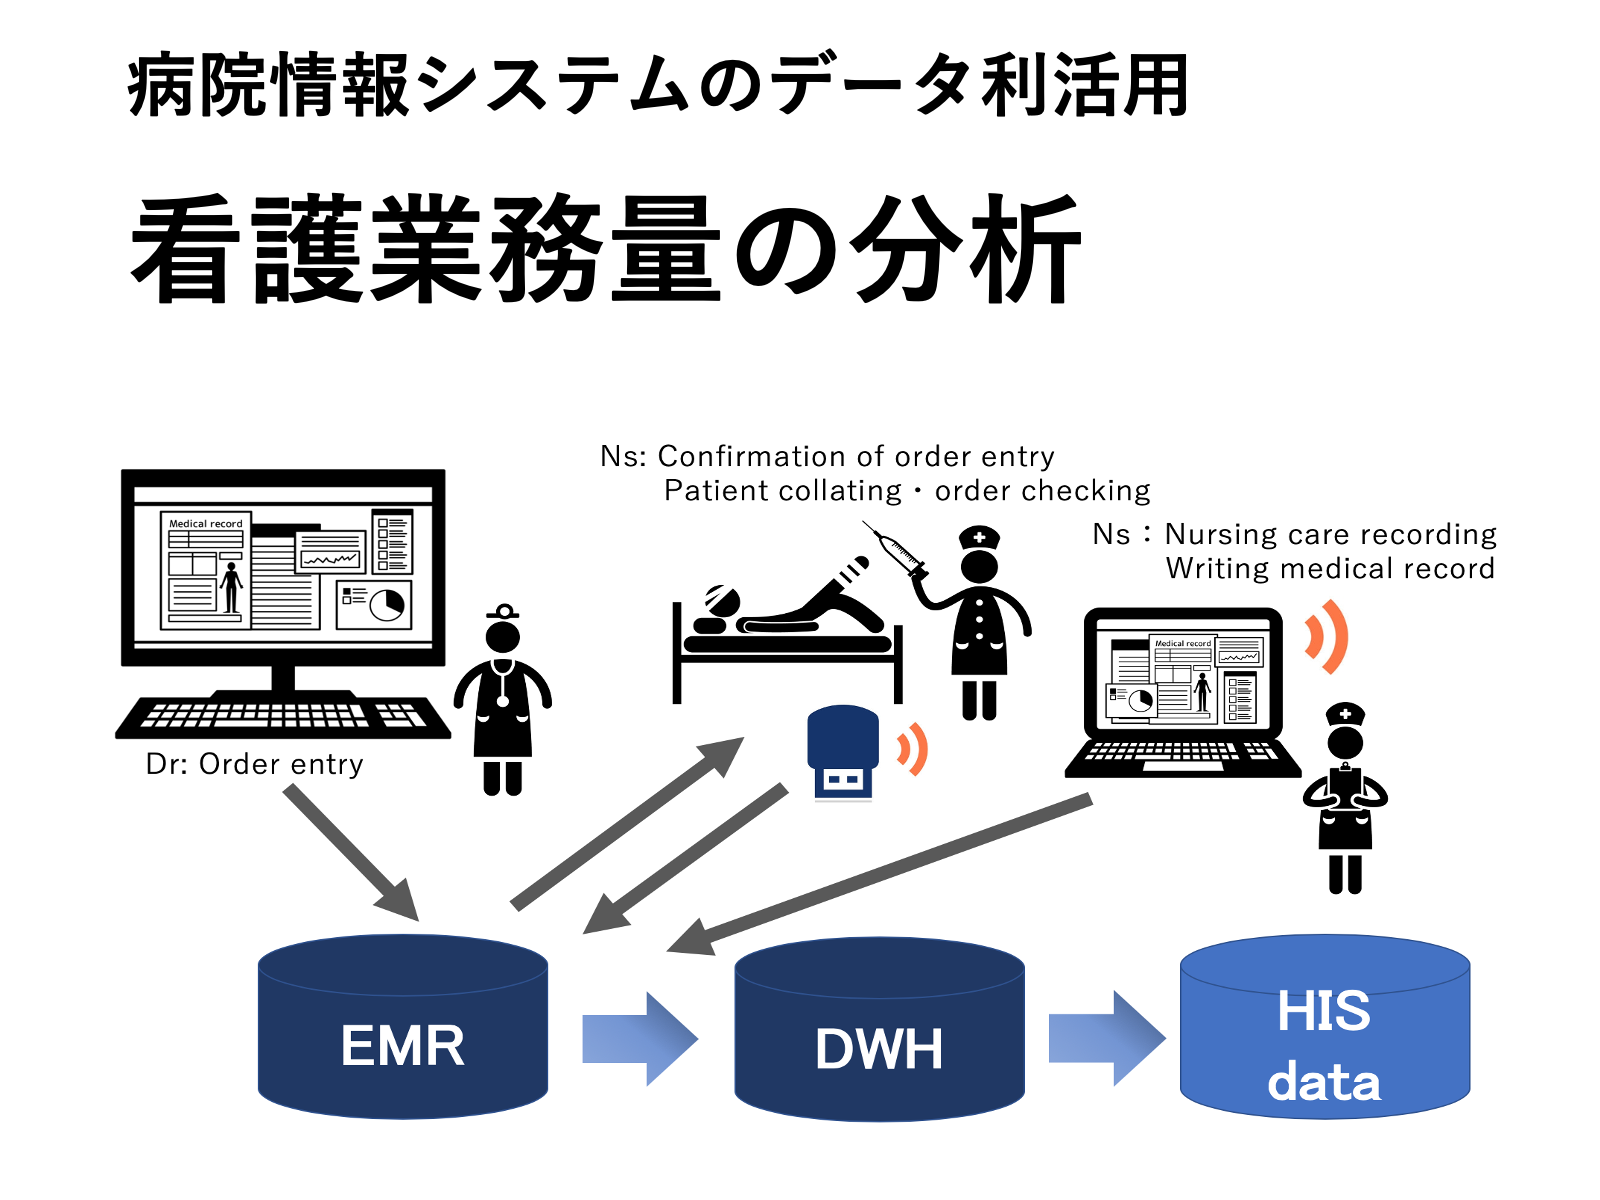 43. 病院情報システムを用いた看護業務量分析